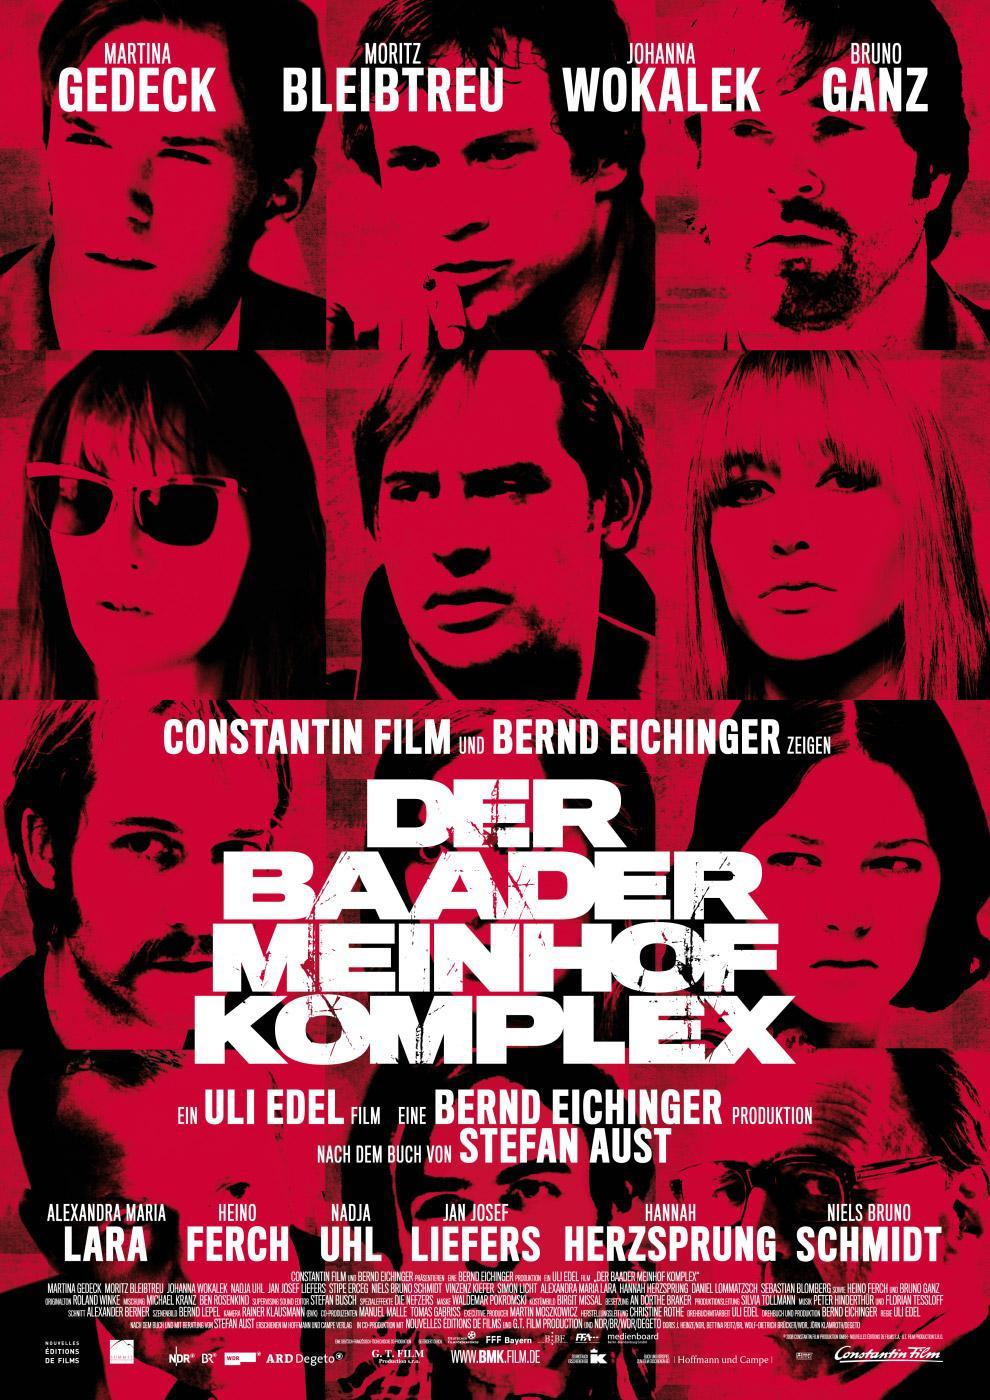 Der Baader Meinhof Komplex (Poster)